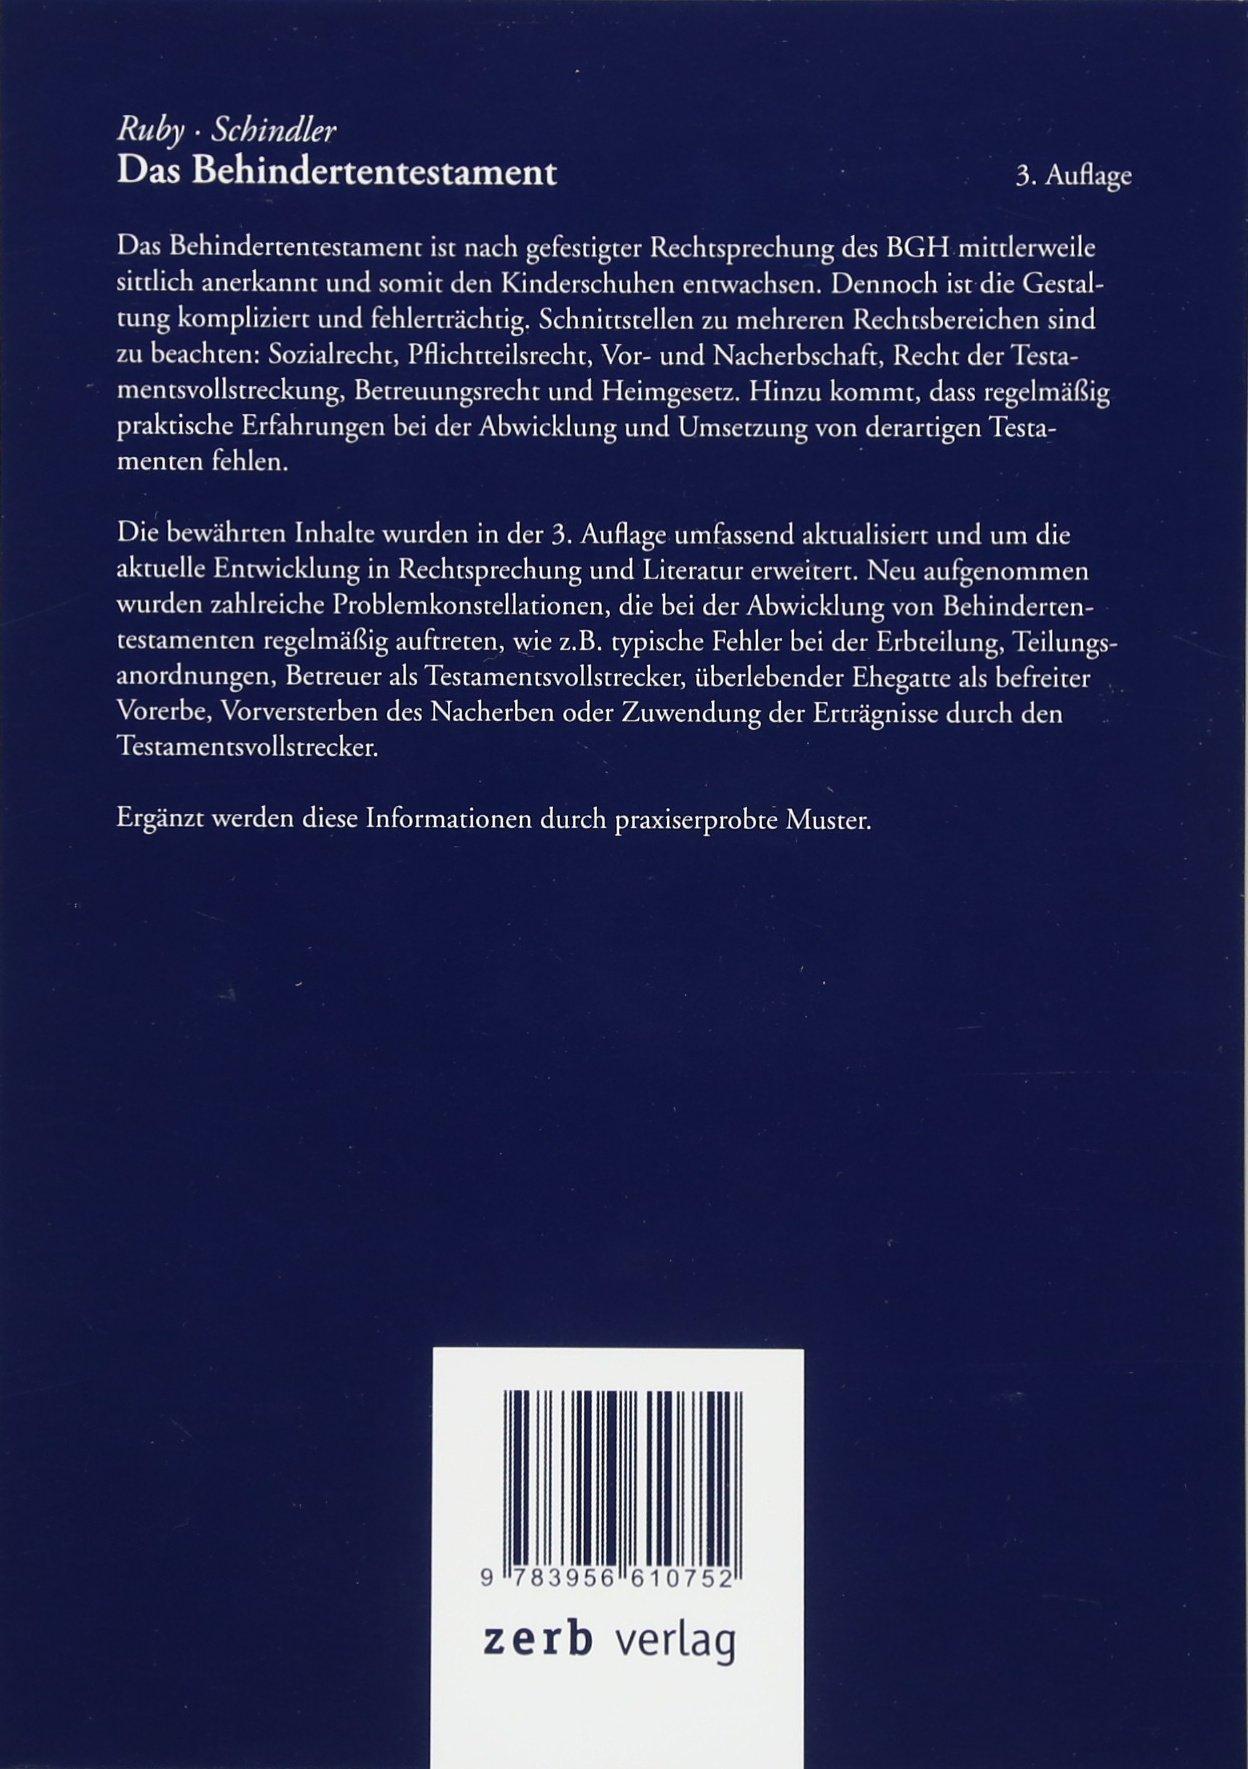 das behindertentestament 9783956610752 amazoncom books - Behindertentestament Muster